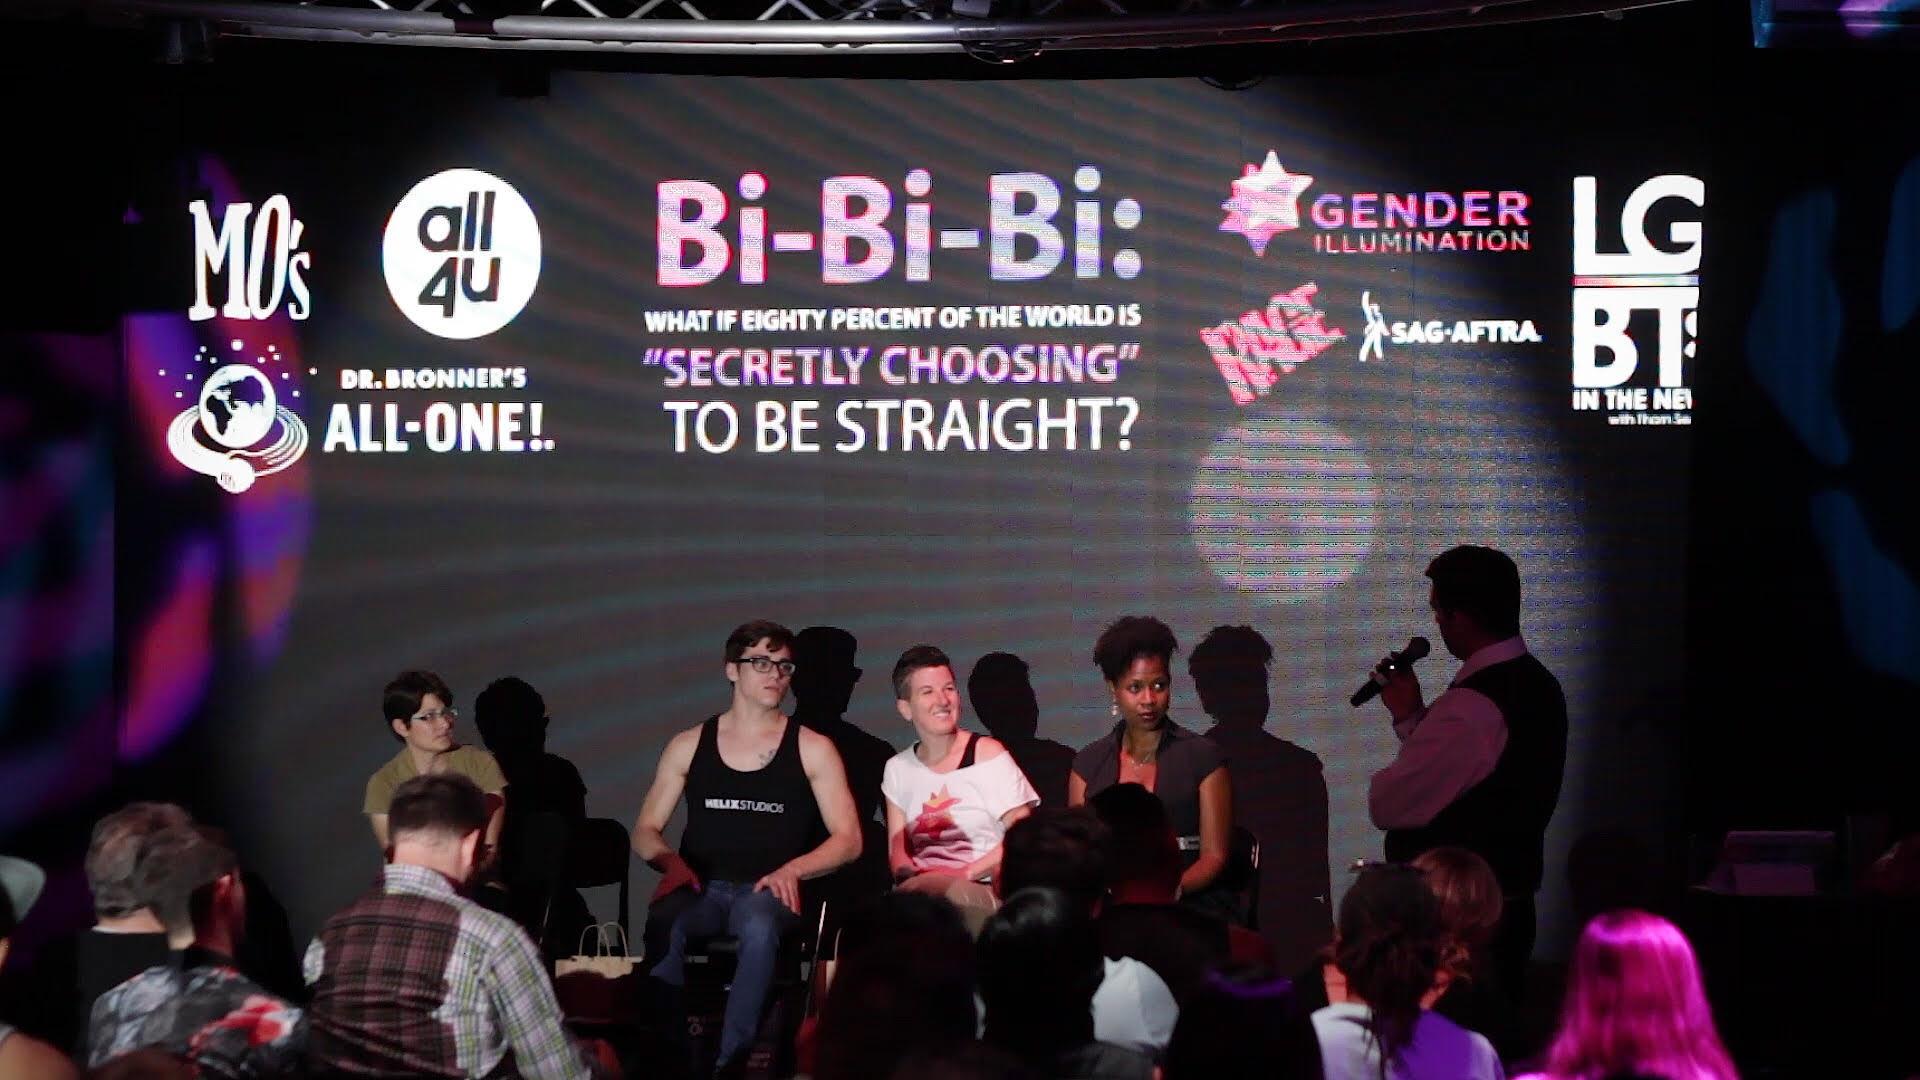 Everyone is secretly bisexual